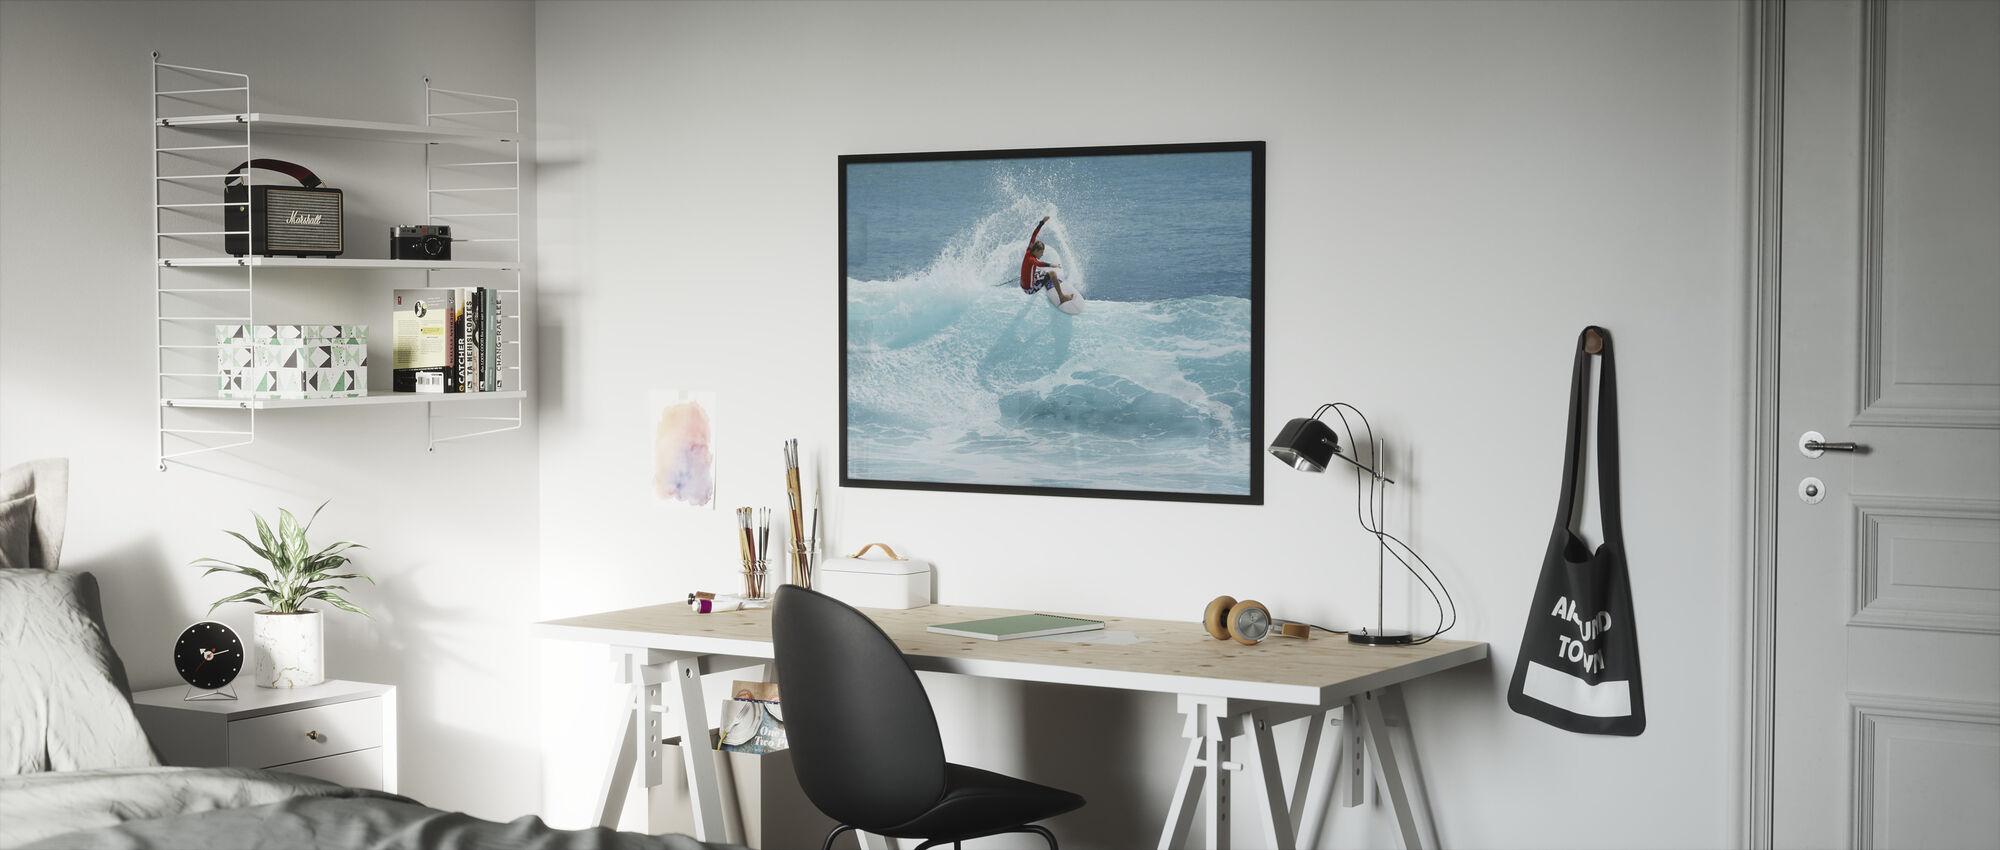 Surfer Carving Top van Wave - Ingelijste print - Kinderkamer